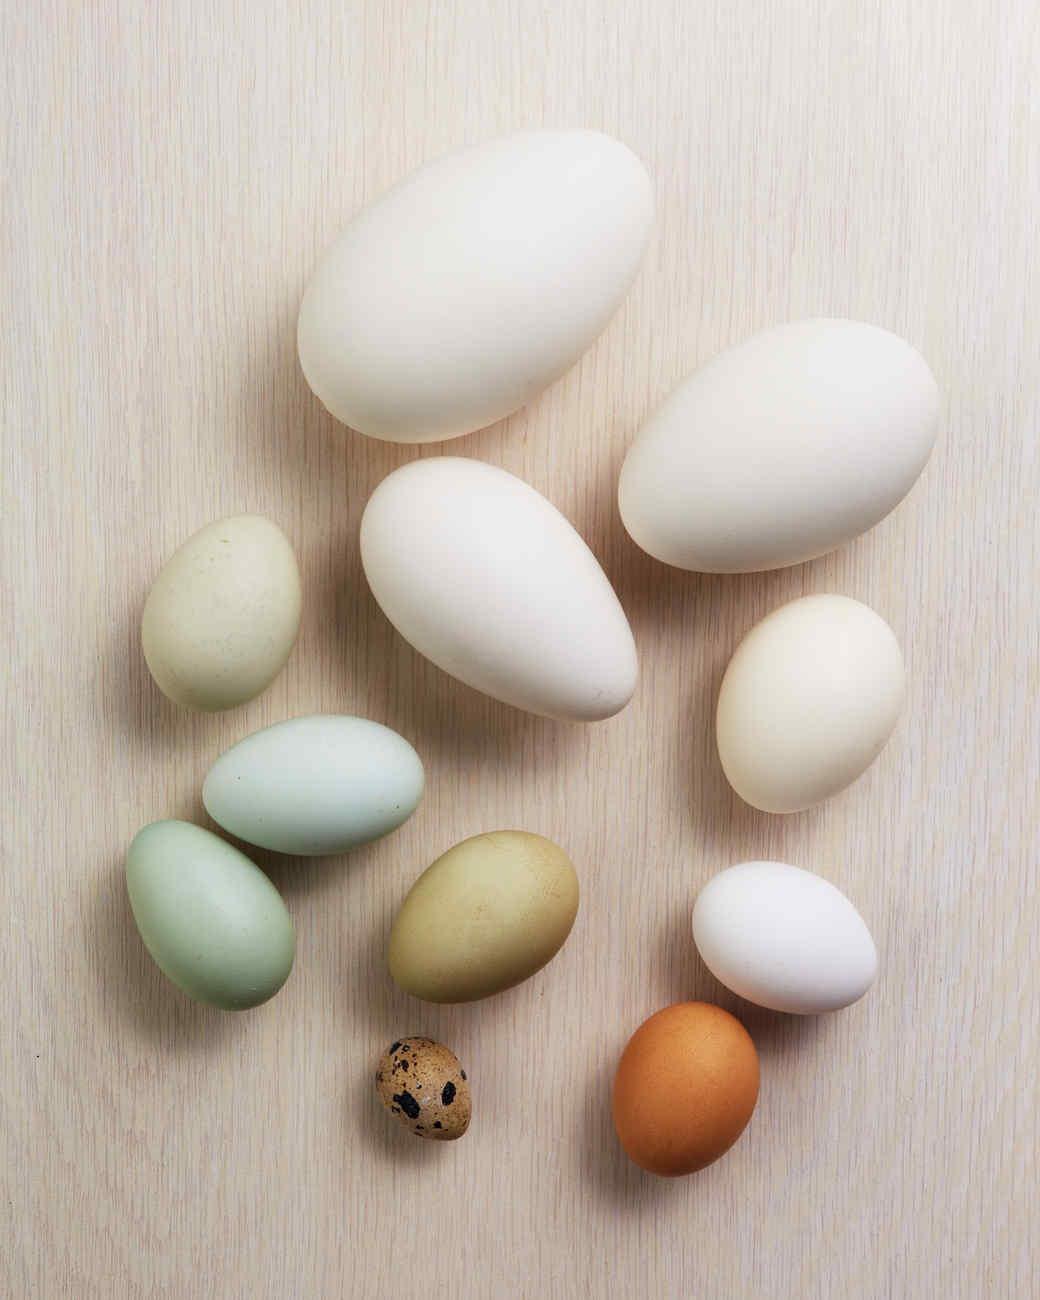 egg-dyeing-app-d107182-eggglossary0414.jpg